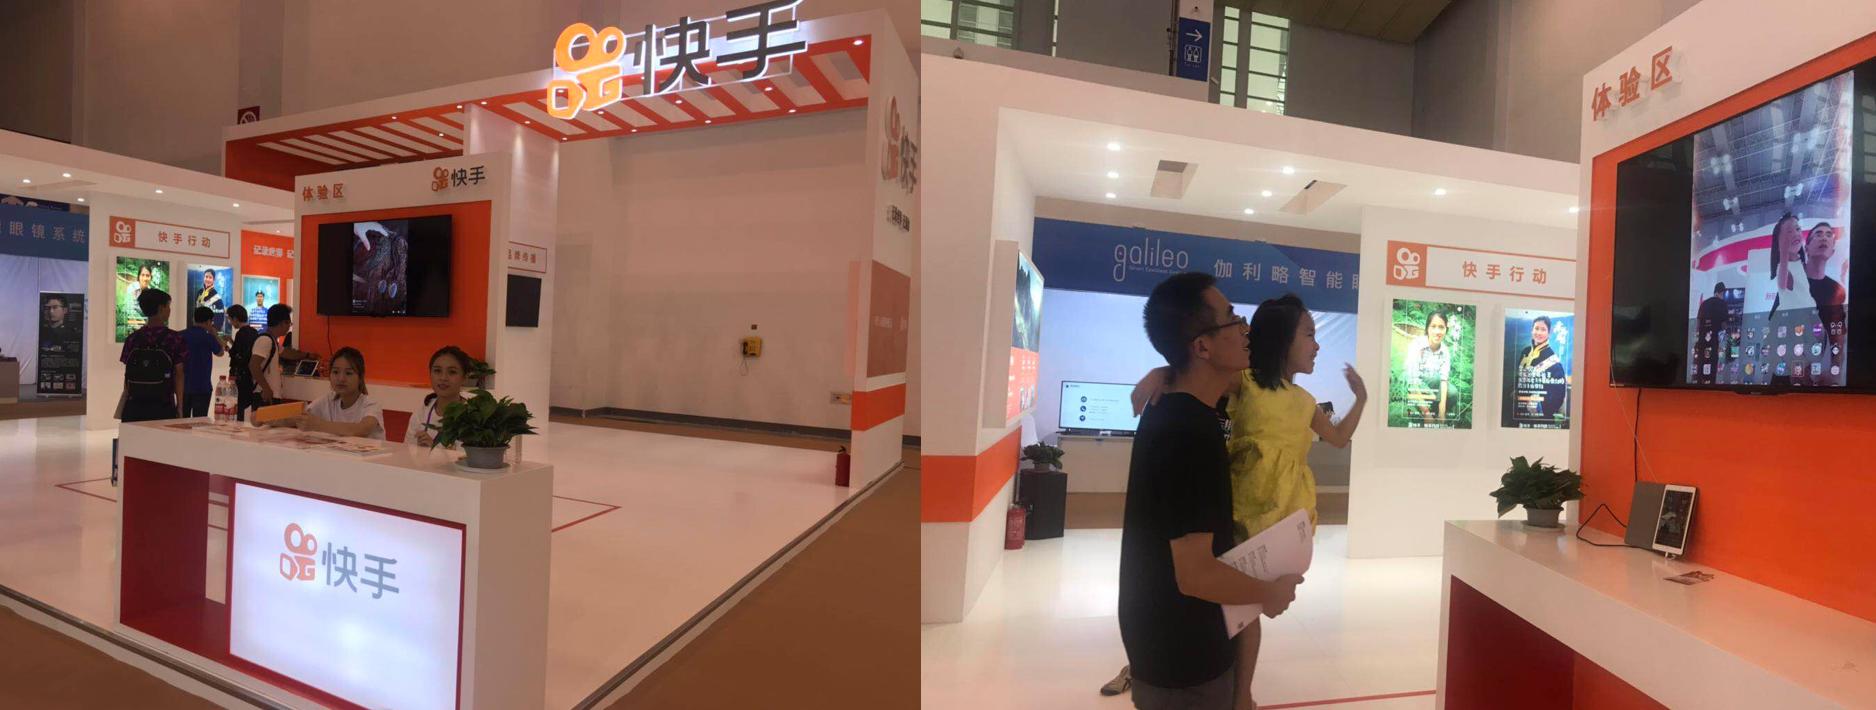 快手亮相宁波新媒体新技术展览会 用技术提升幸福感